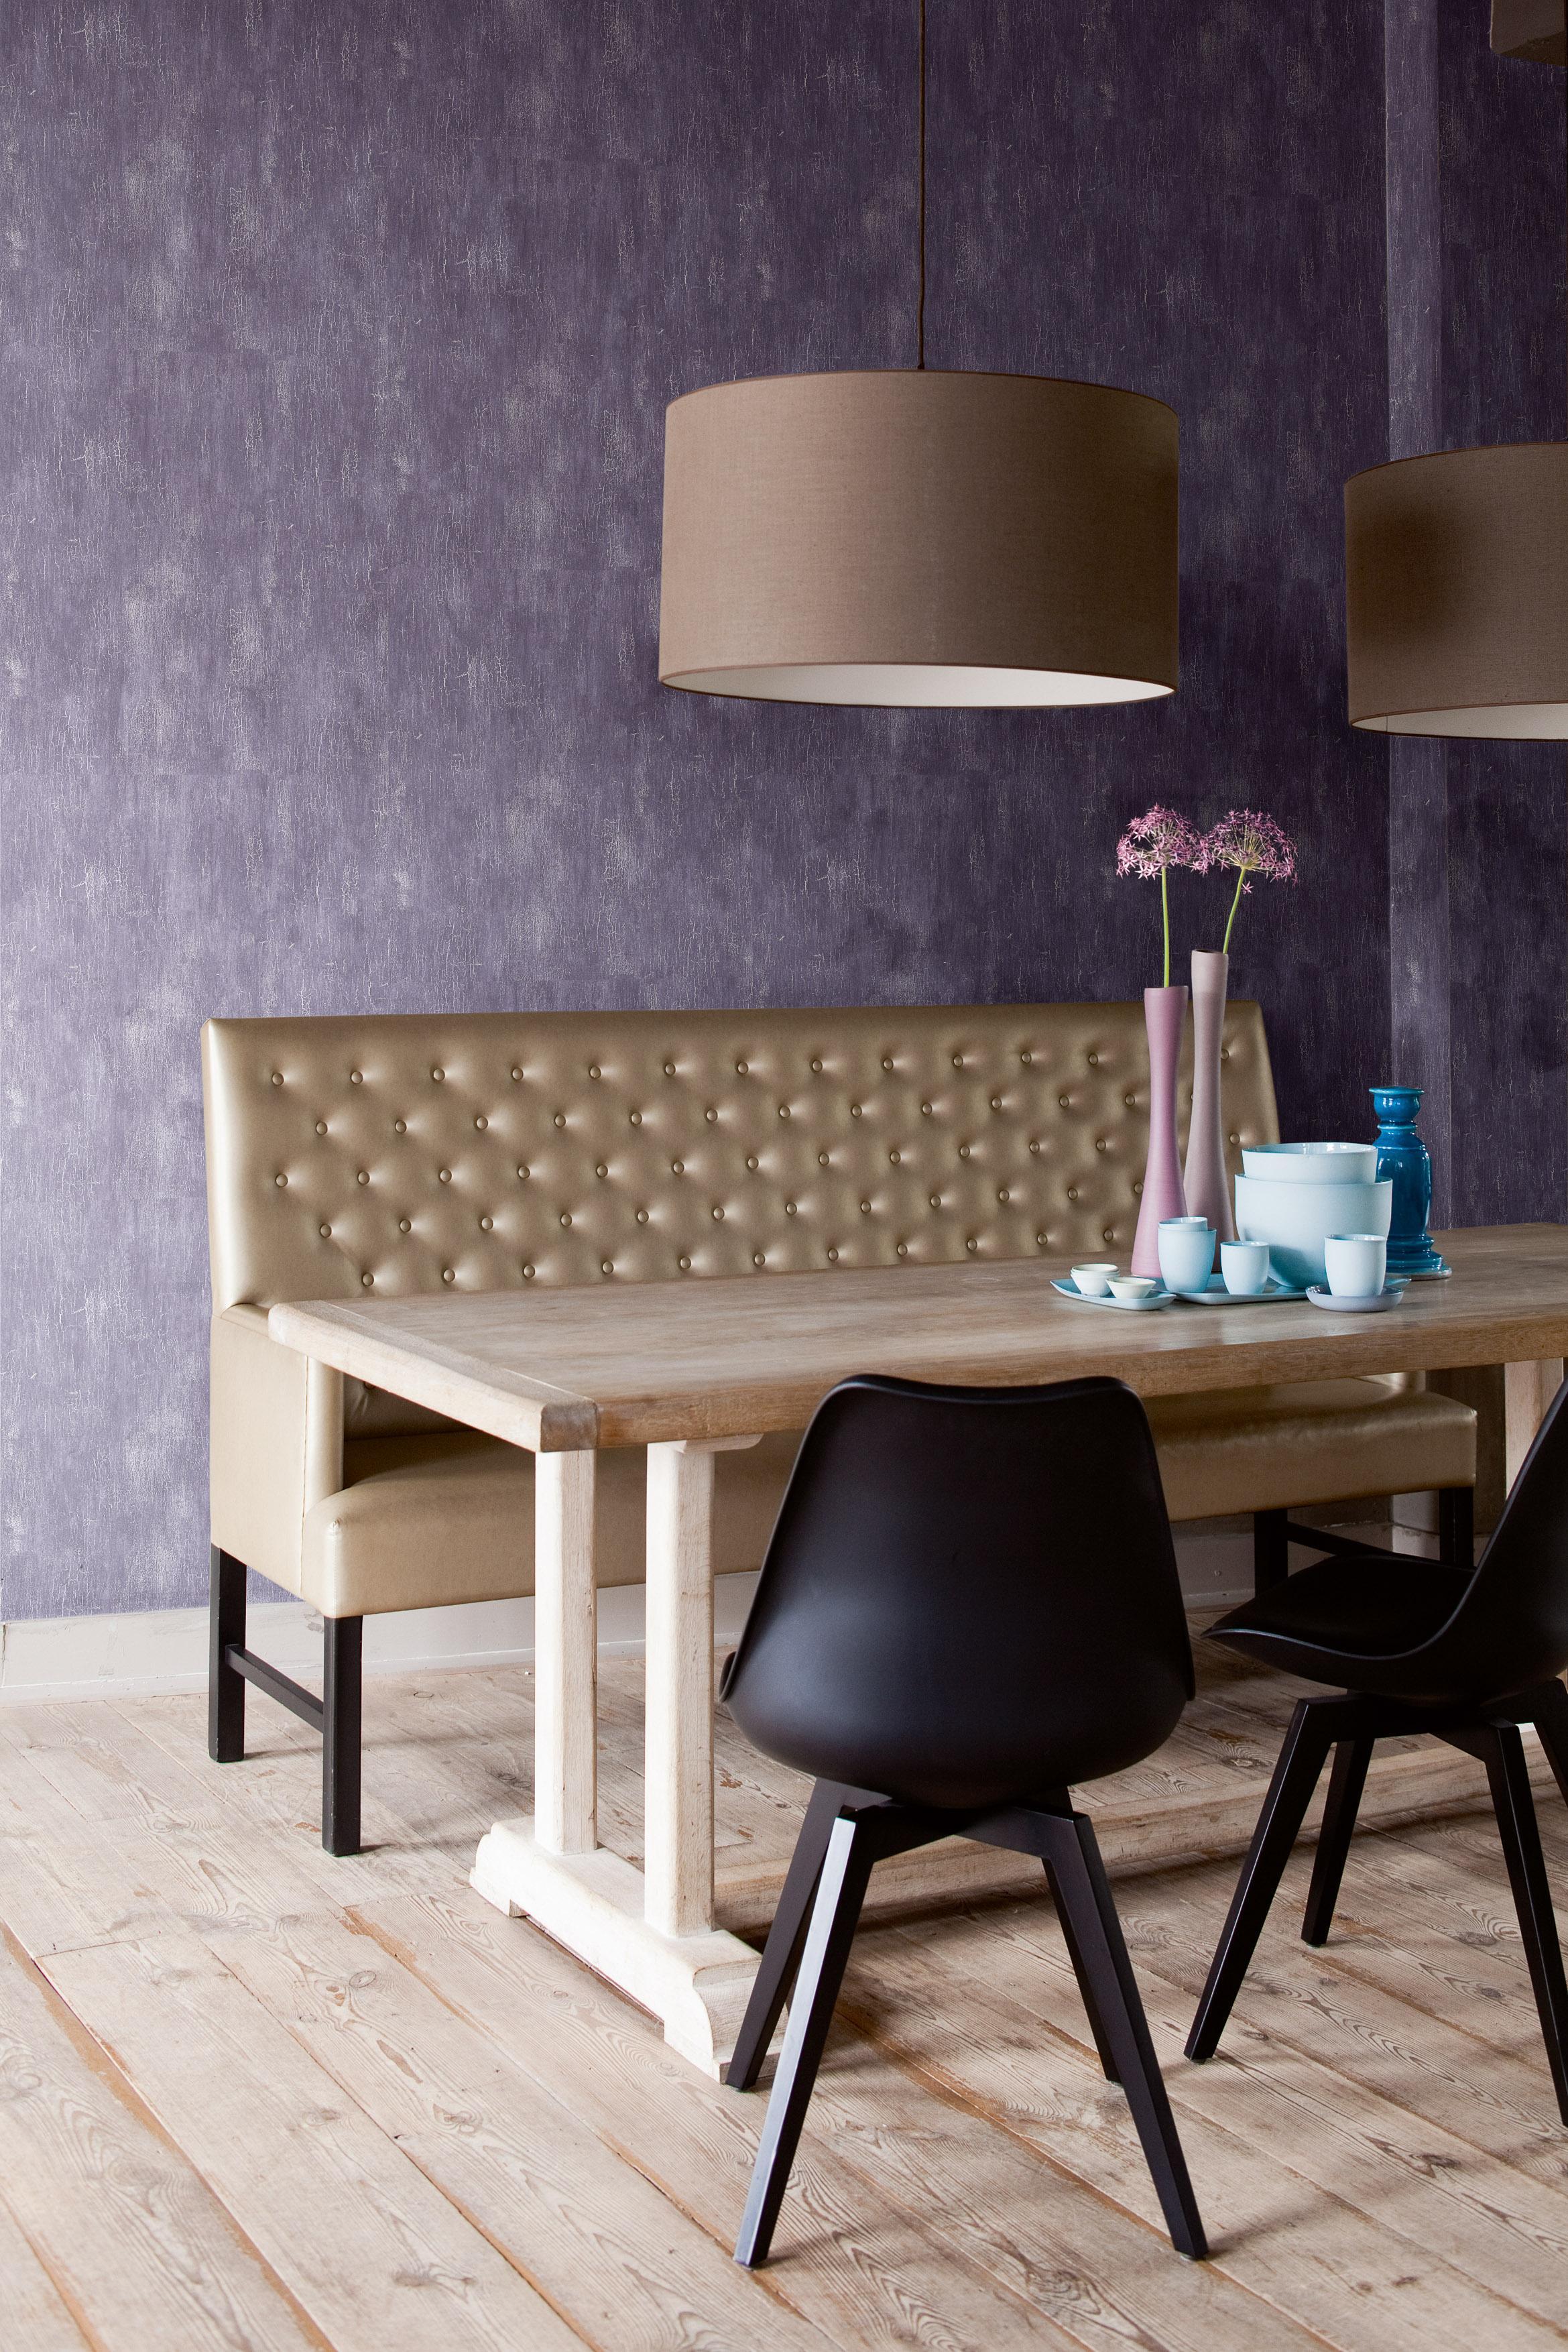 Gepolsterte Sitzbank Bilder Ideen Couch